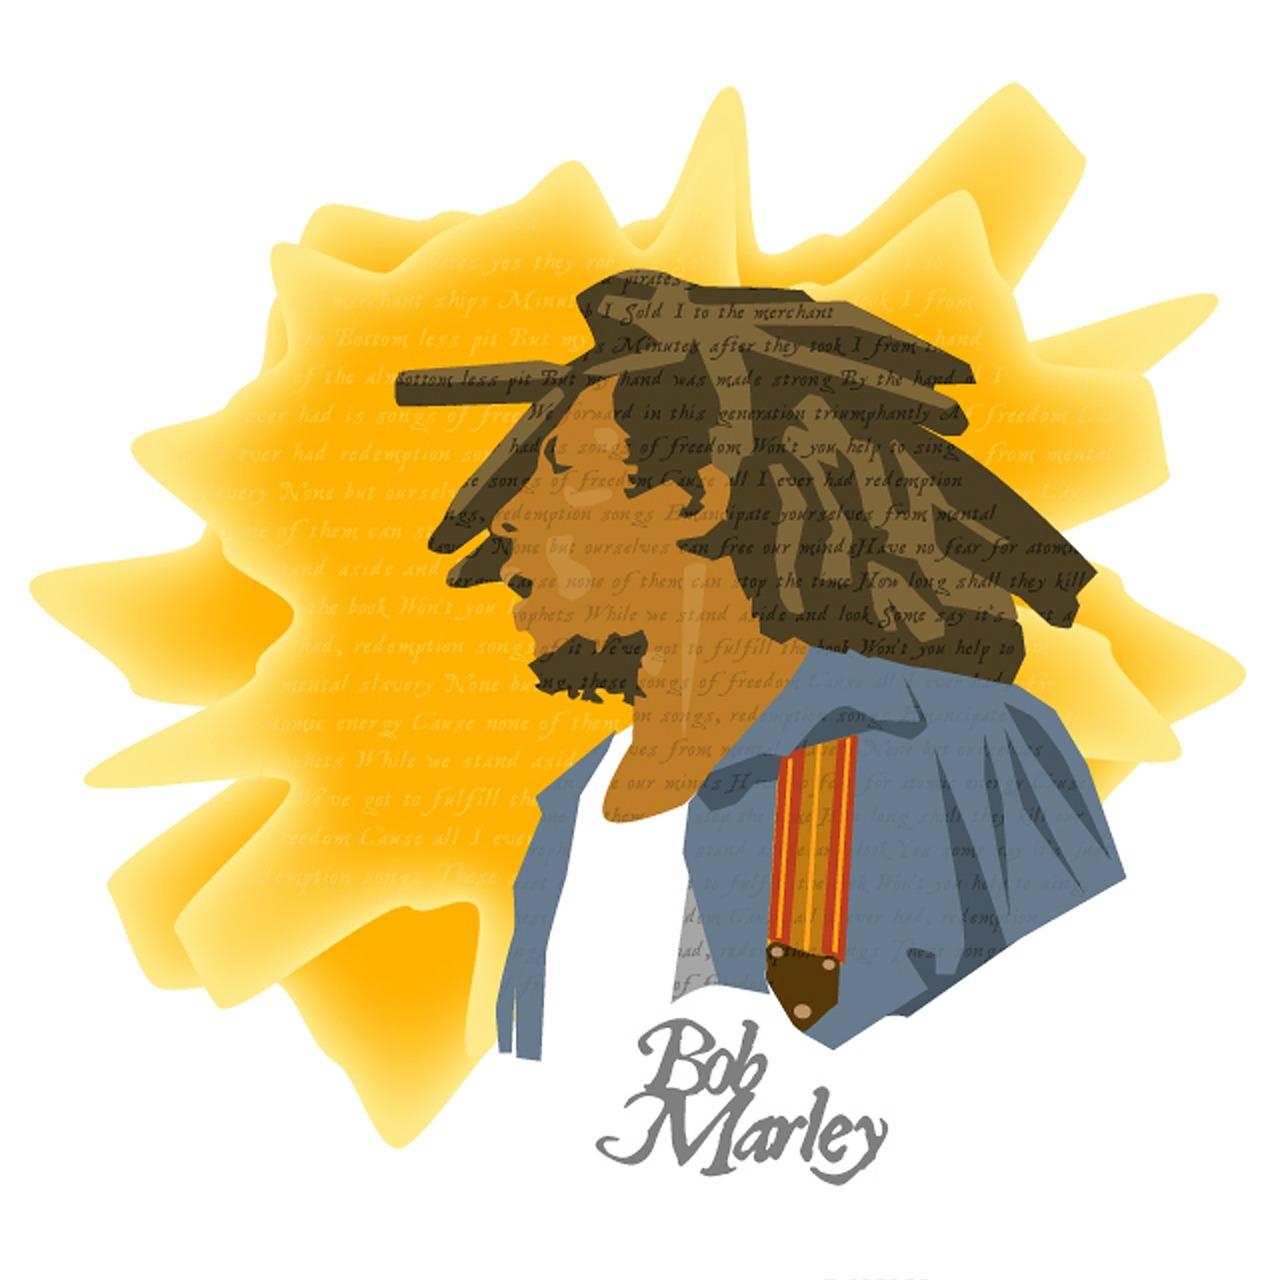 bob Marley Wall Quotes